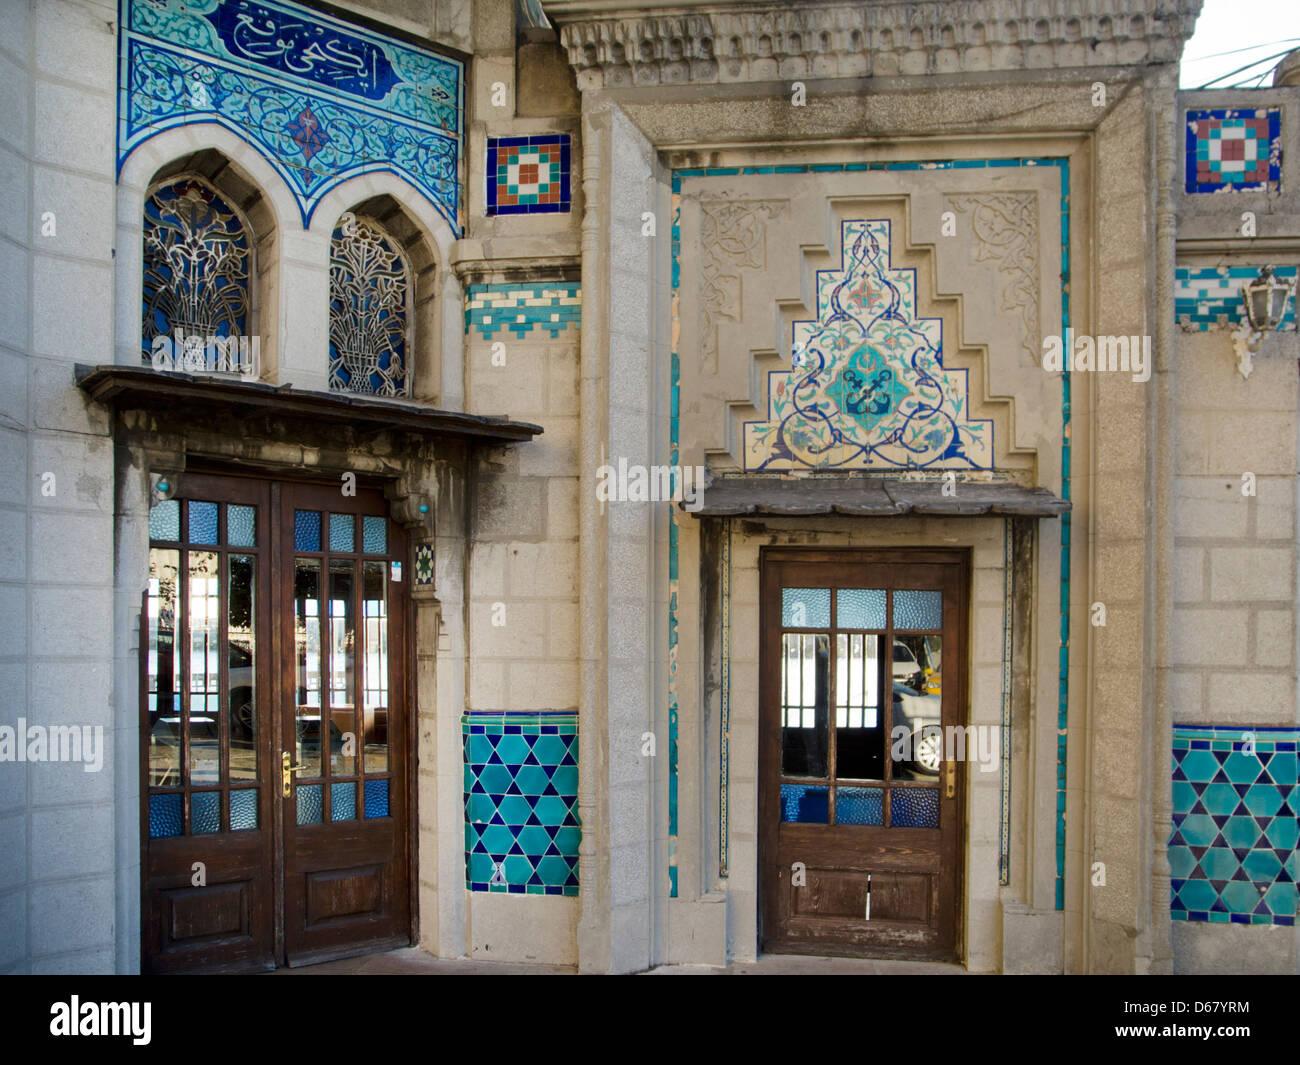 Türkei, Istanbul, Haydarpasa, Schiffsanlegestelle ( Iskele ) mit orientalischen Fliesen geschmückt. - Stock Image